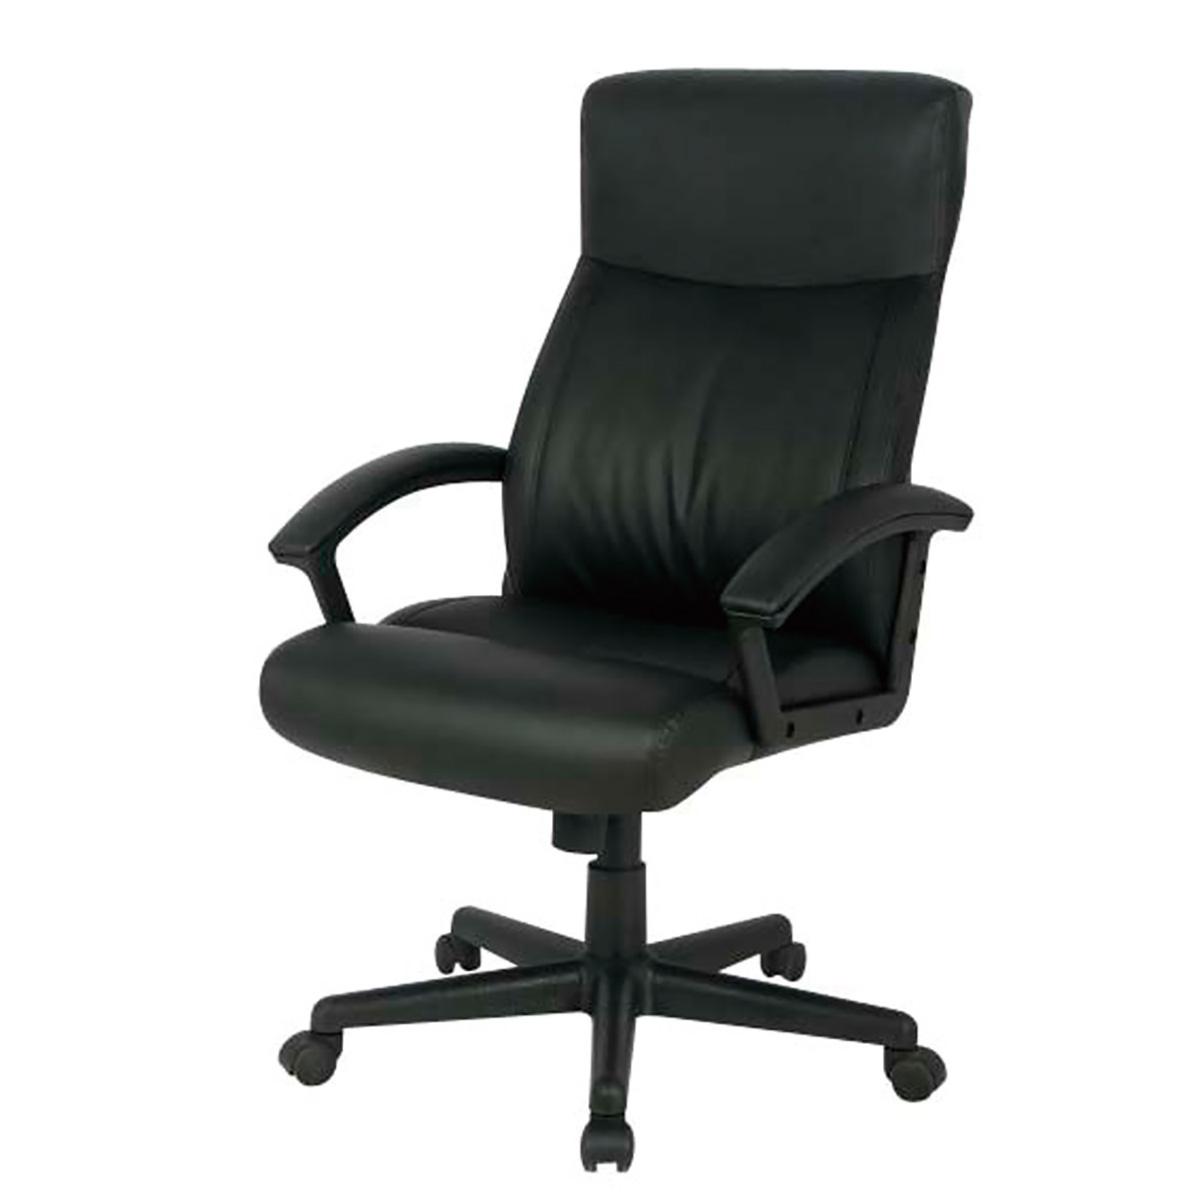 パソコンチェア クッションパソコンチェア オフィスチェア 椅子 疲れにくい CNL-601BK